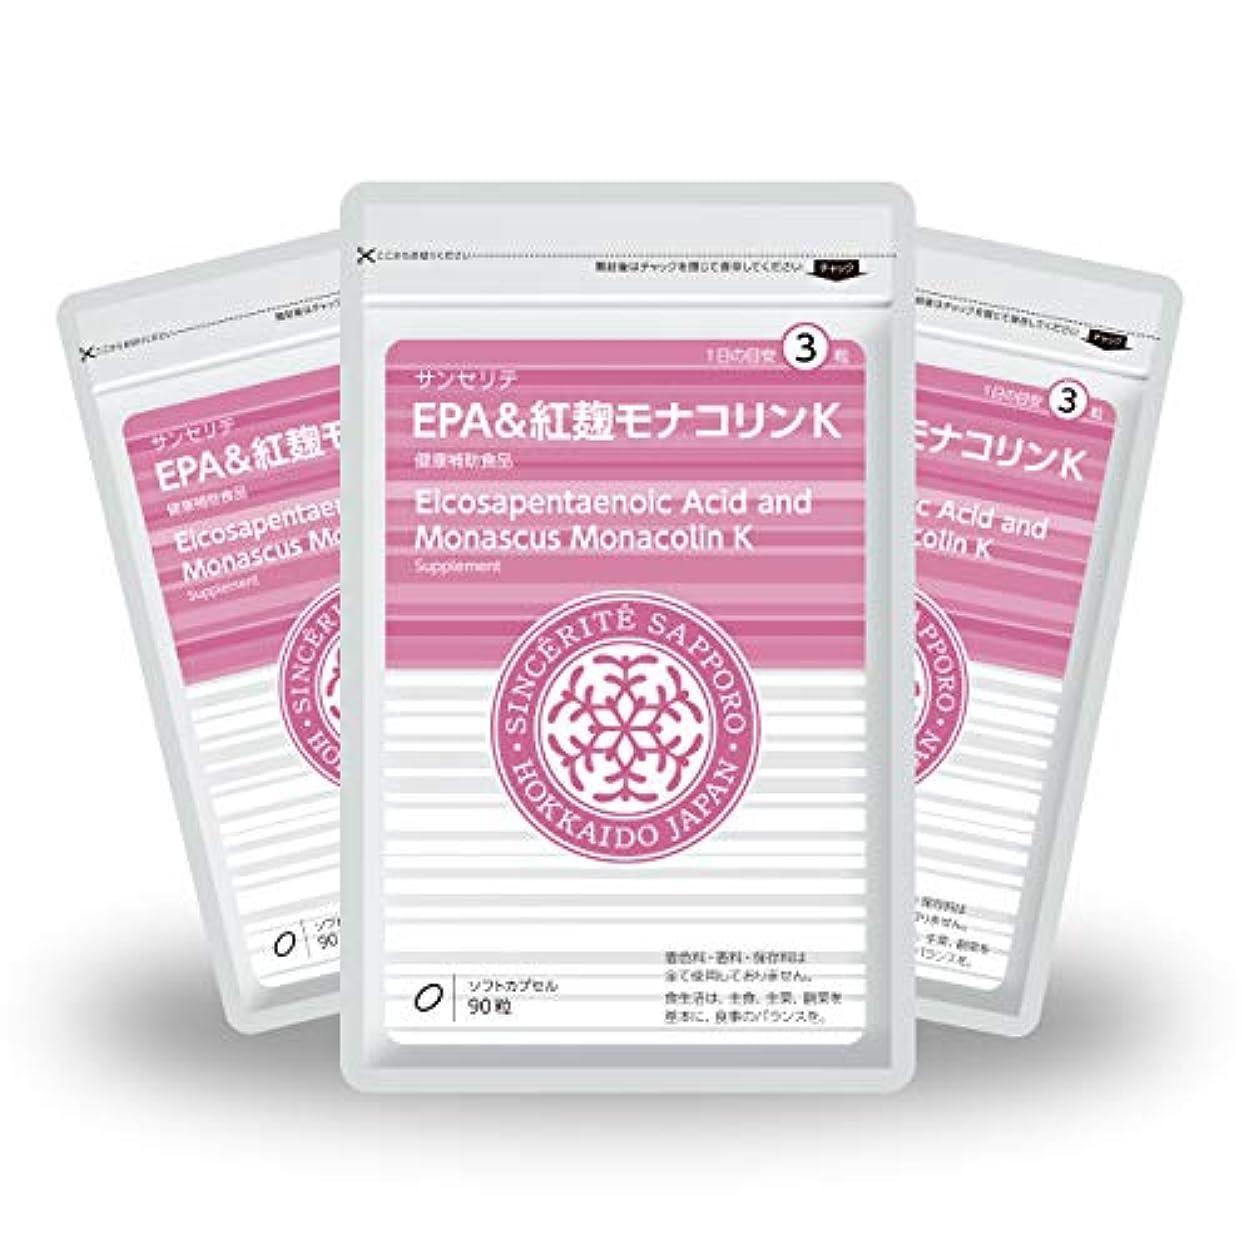 ドック姉妹力学EPA&紅麹モナコリンK 3袋セット[送料無料][EPA]200mg配合[国内製造]お得な90日分